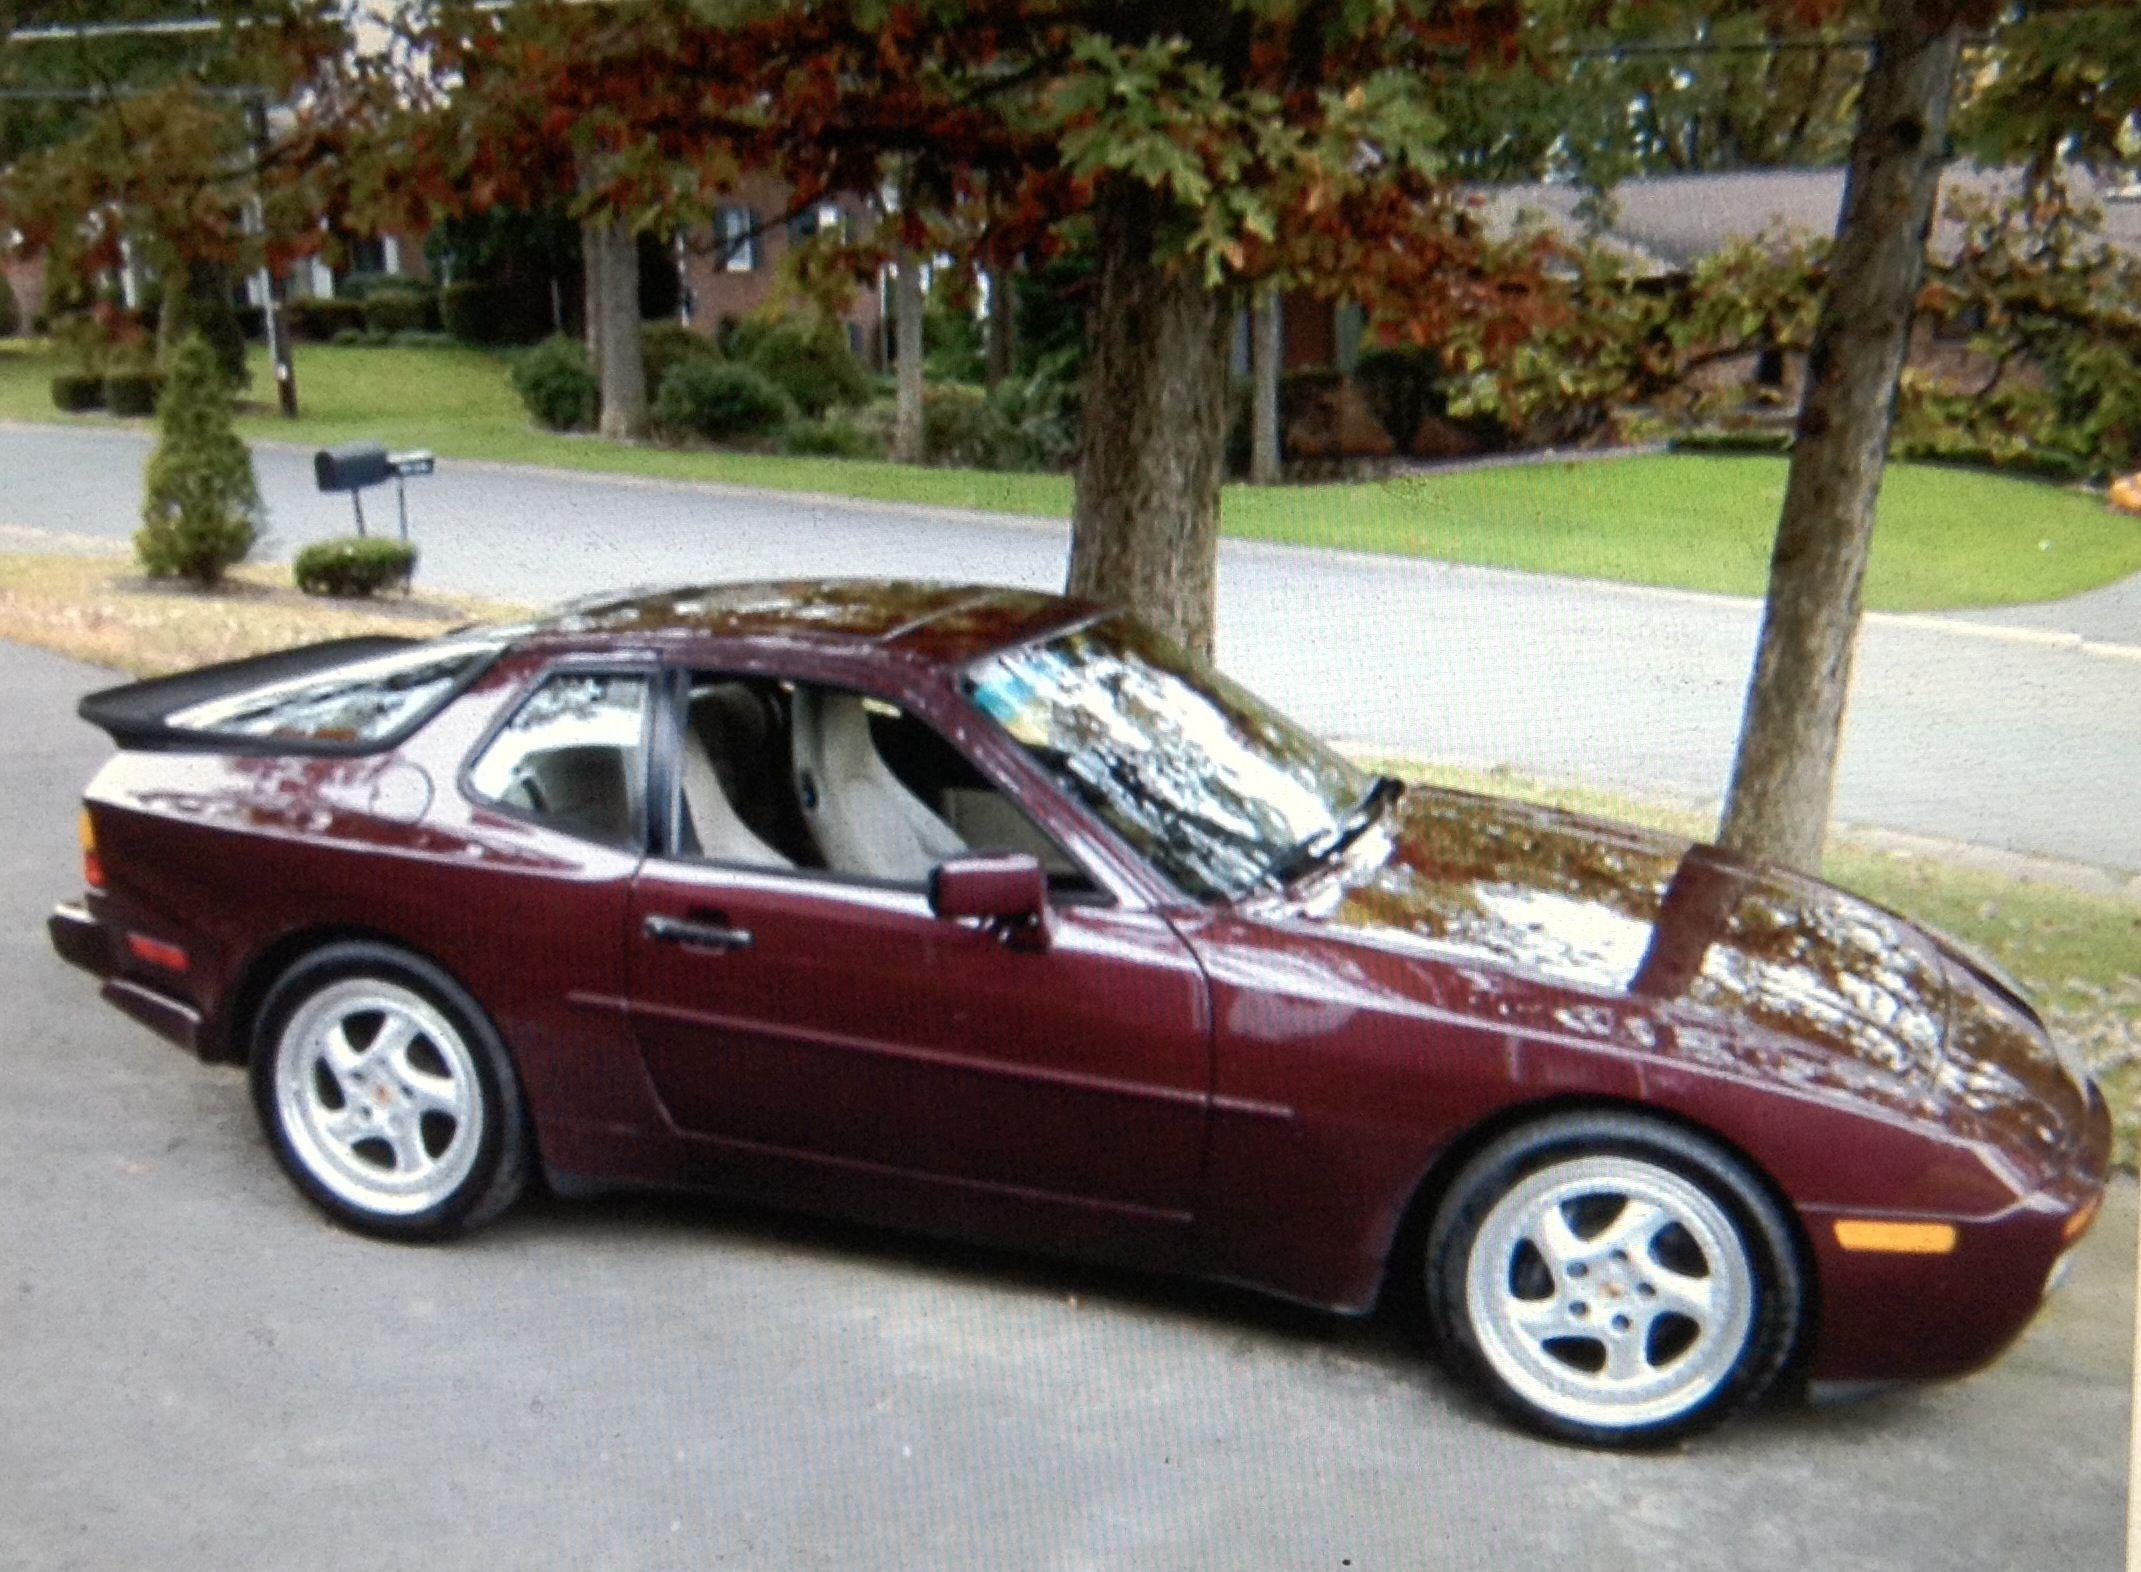 hight resolution of my 1988 porsche 944 turbo s my cars 5 fm porsche porsche 944 vacuum diagram sticker in engine bay for 944 na rennlist discussion